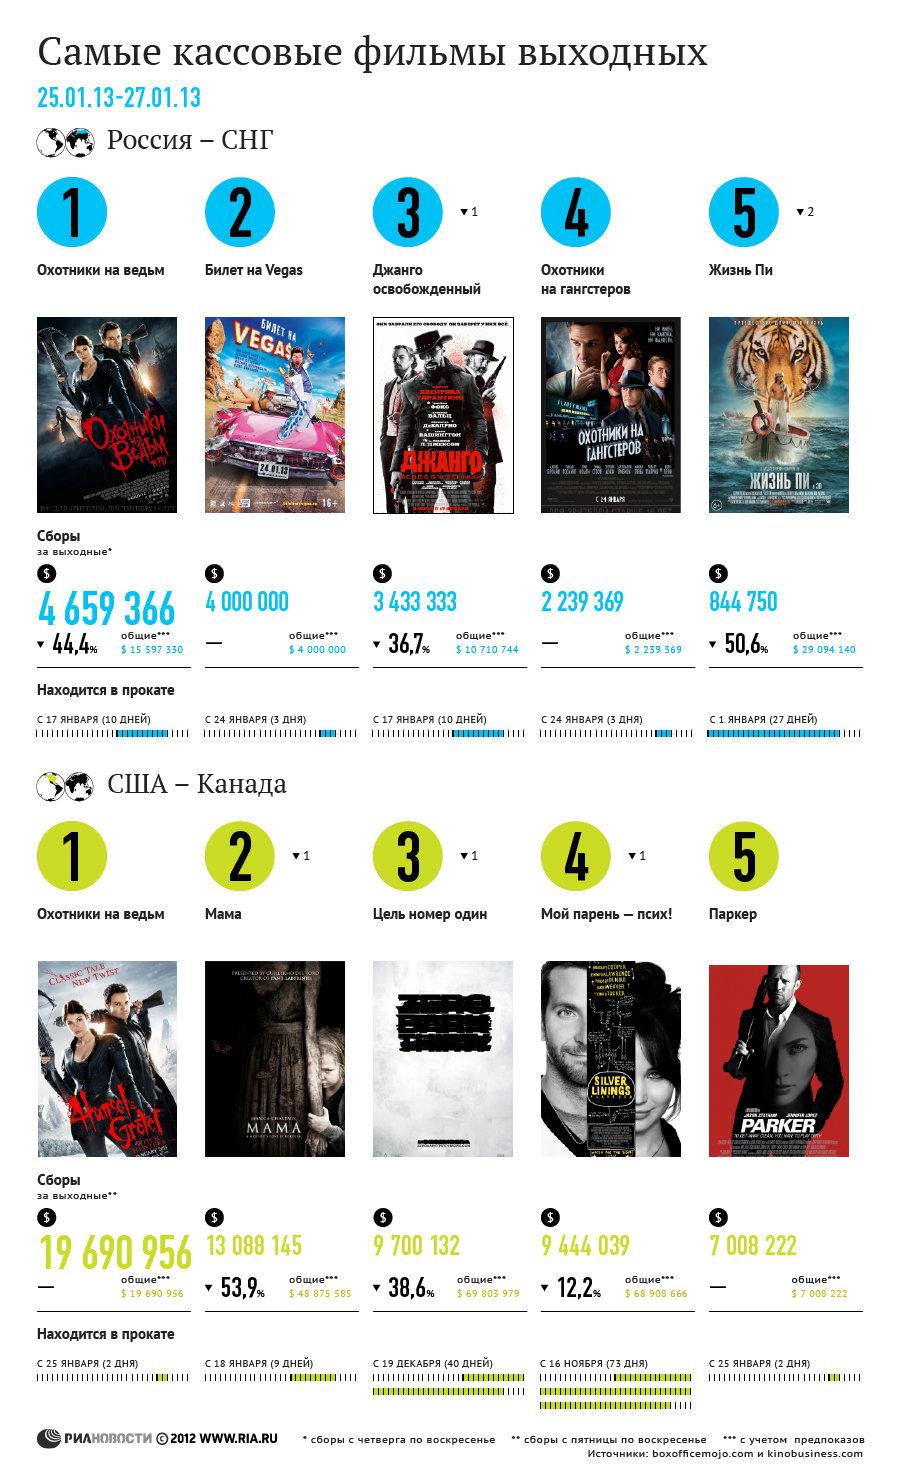 Самые кассовые фильмы выходных (25-27 января)